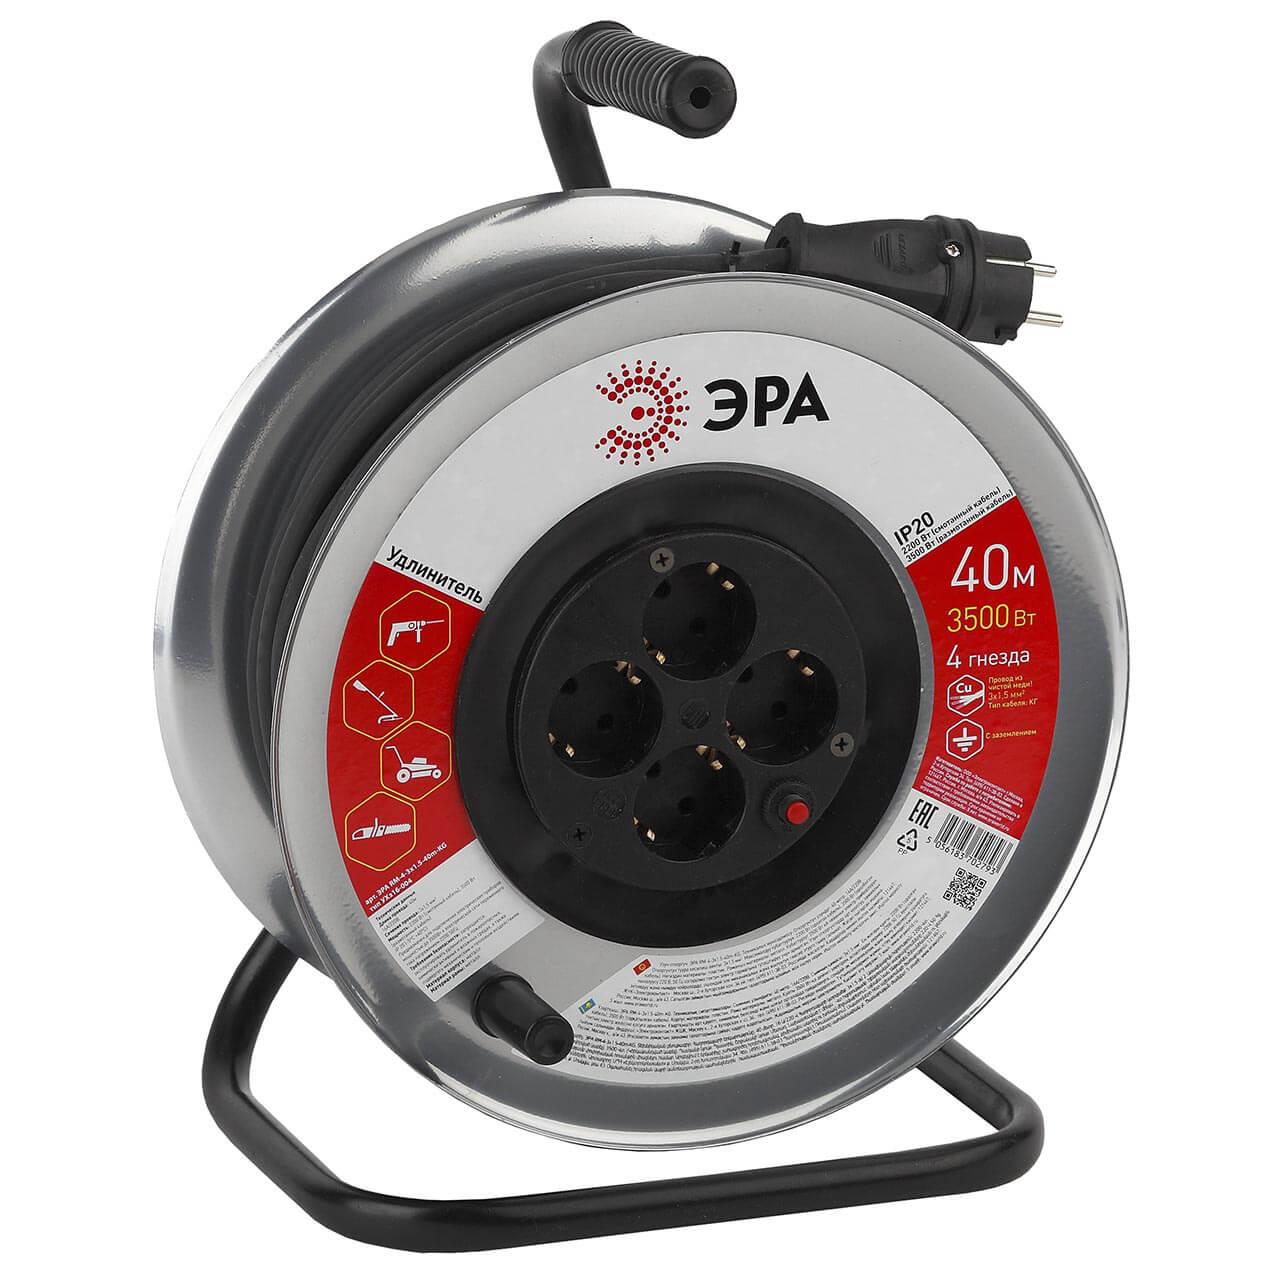 Удлинитель ЭРА RM-4-3x1.5-40m RM